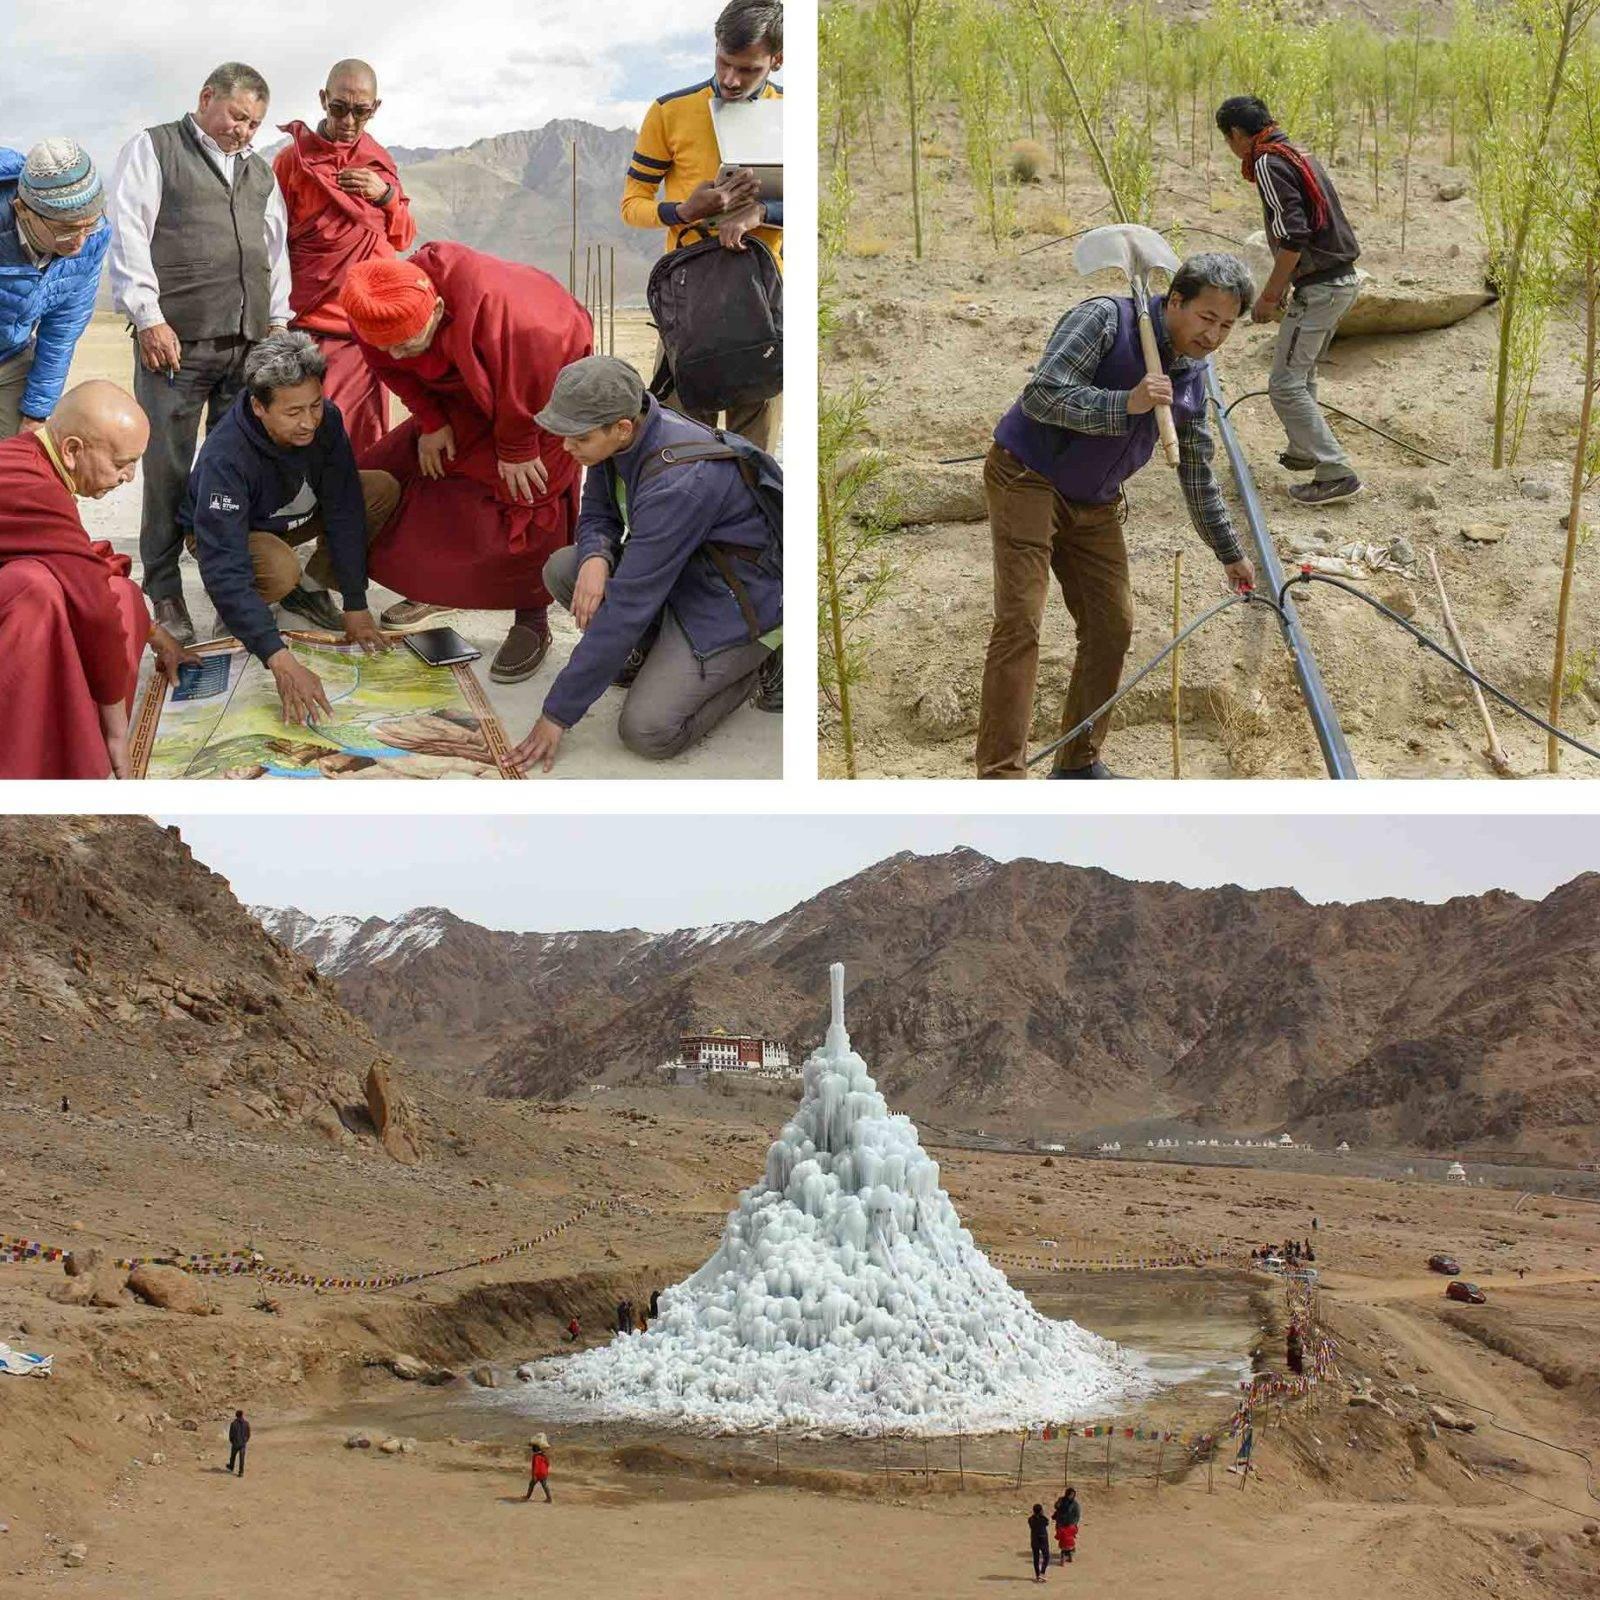 Süleyman Sönmez - Güneşin Tam İçinde buzkulesi04-e1497950775296 Tibet Çölünde Buz Kuleleri | Susuzlukla Mücadele | Ice Stupa Bilim ve Teknoloji Günlük Yaşam Maker / Mucit  Tibet susuzluk Su Elde Etmek Stupa Sonam Wangchuk Rolex Awards kuraklık küresel ısınma Buz Kuleleri Baraj Çöl 3 idiots